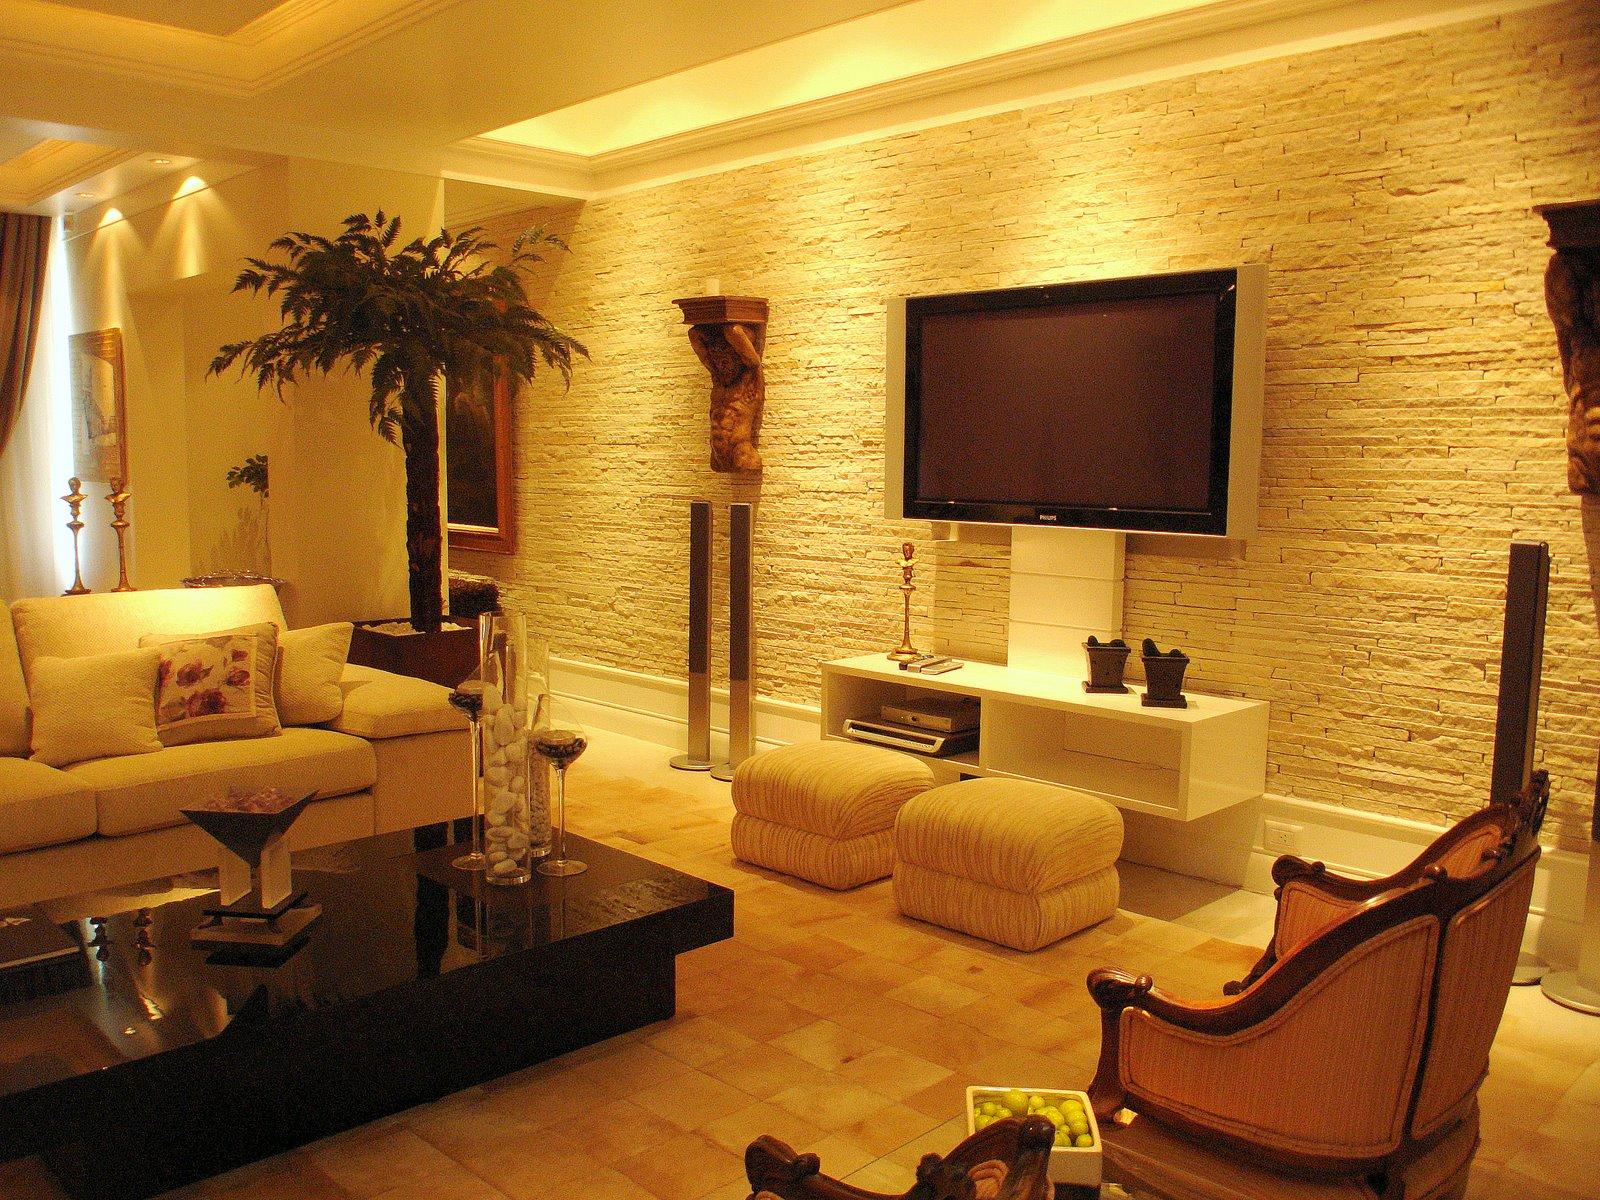 Sonhando com o apê: Sala com canjiquinha #BC950F 1600x1200